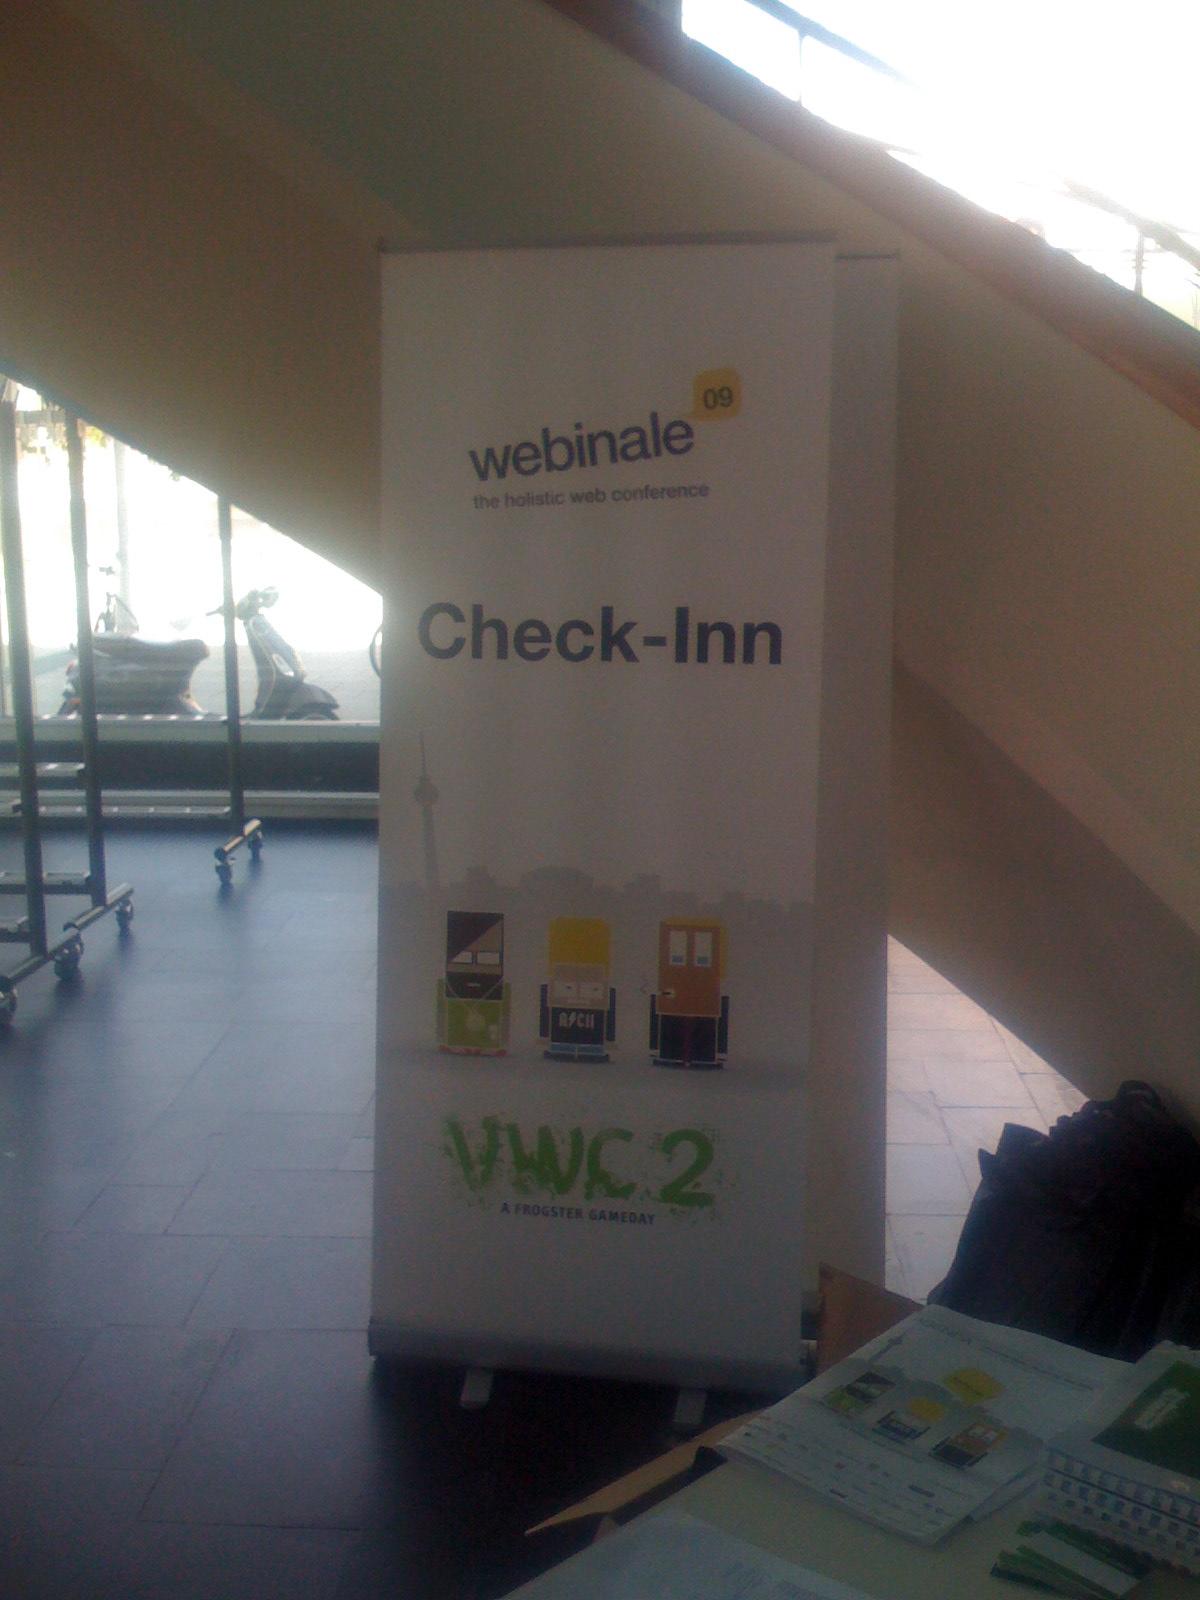 Noch eine Web- Konferenz?